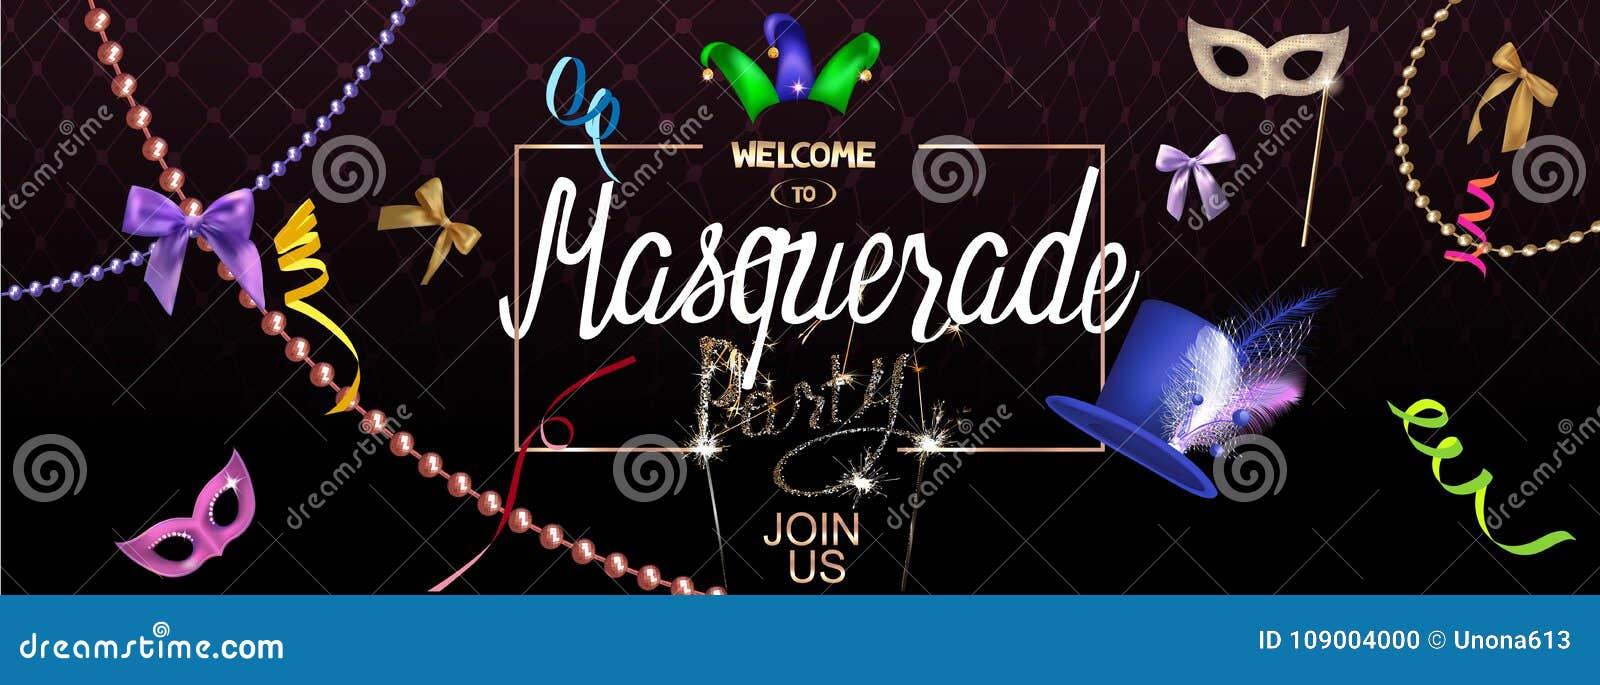 Masquerade Party Invitation Banner With Masquerade Specific Deco